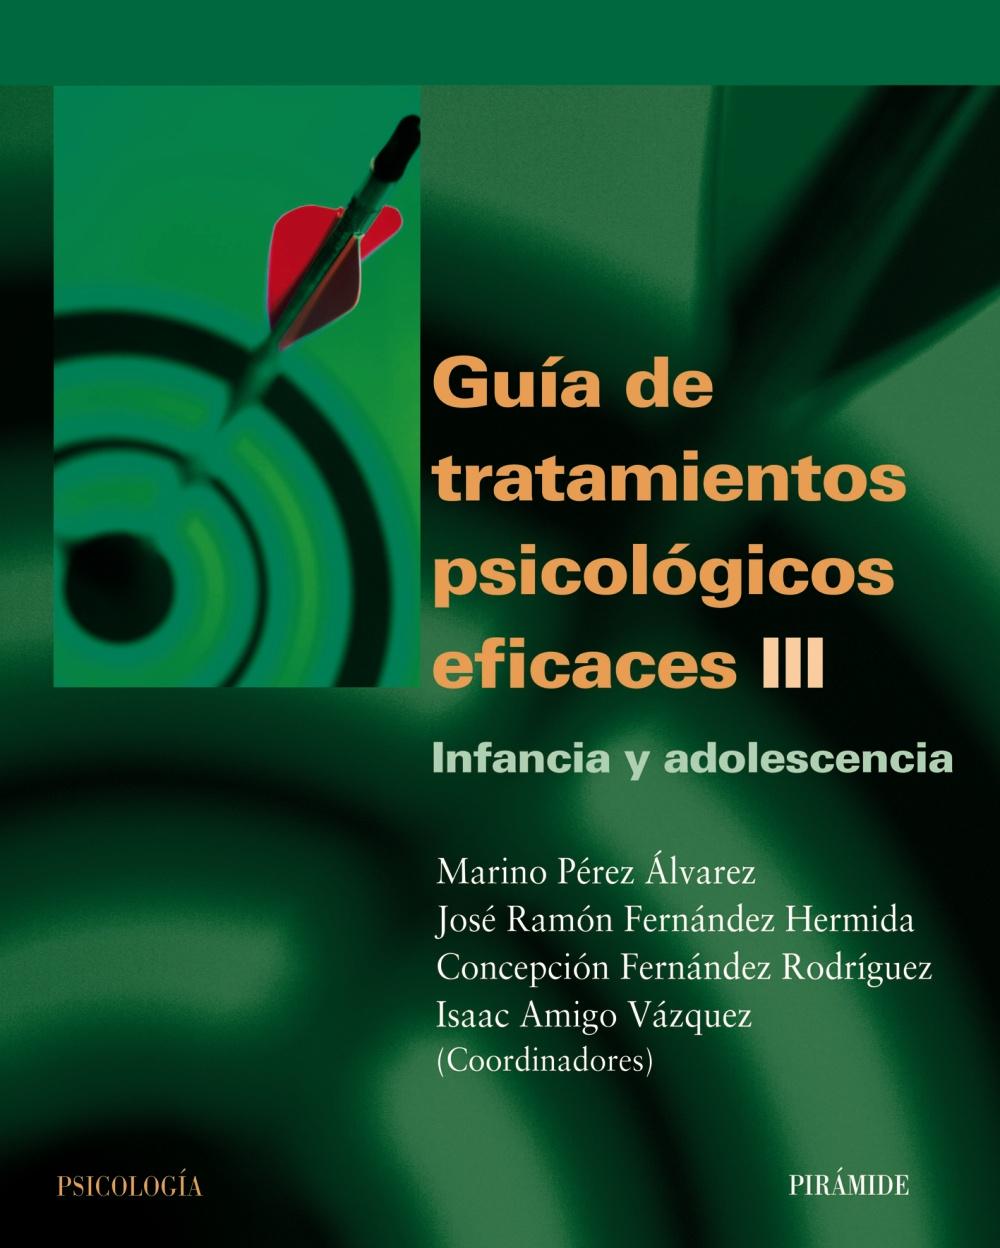 Guía de tratamientos psicológicos eficaces III (ebook)